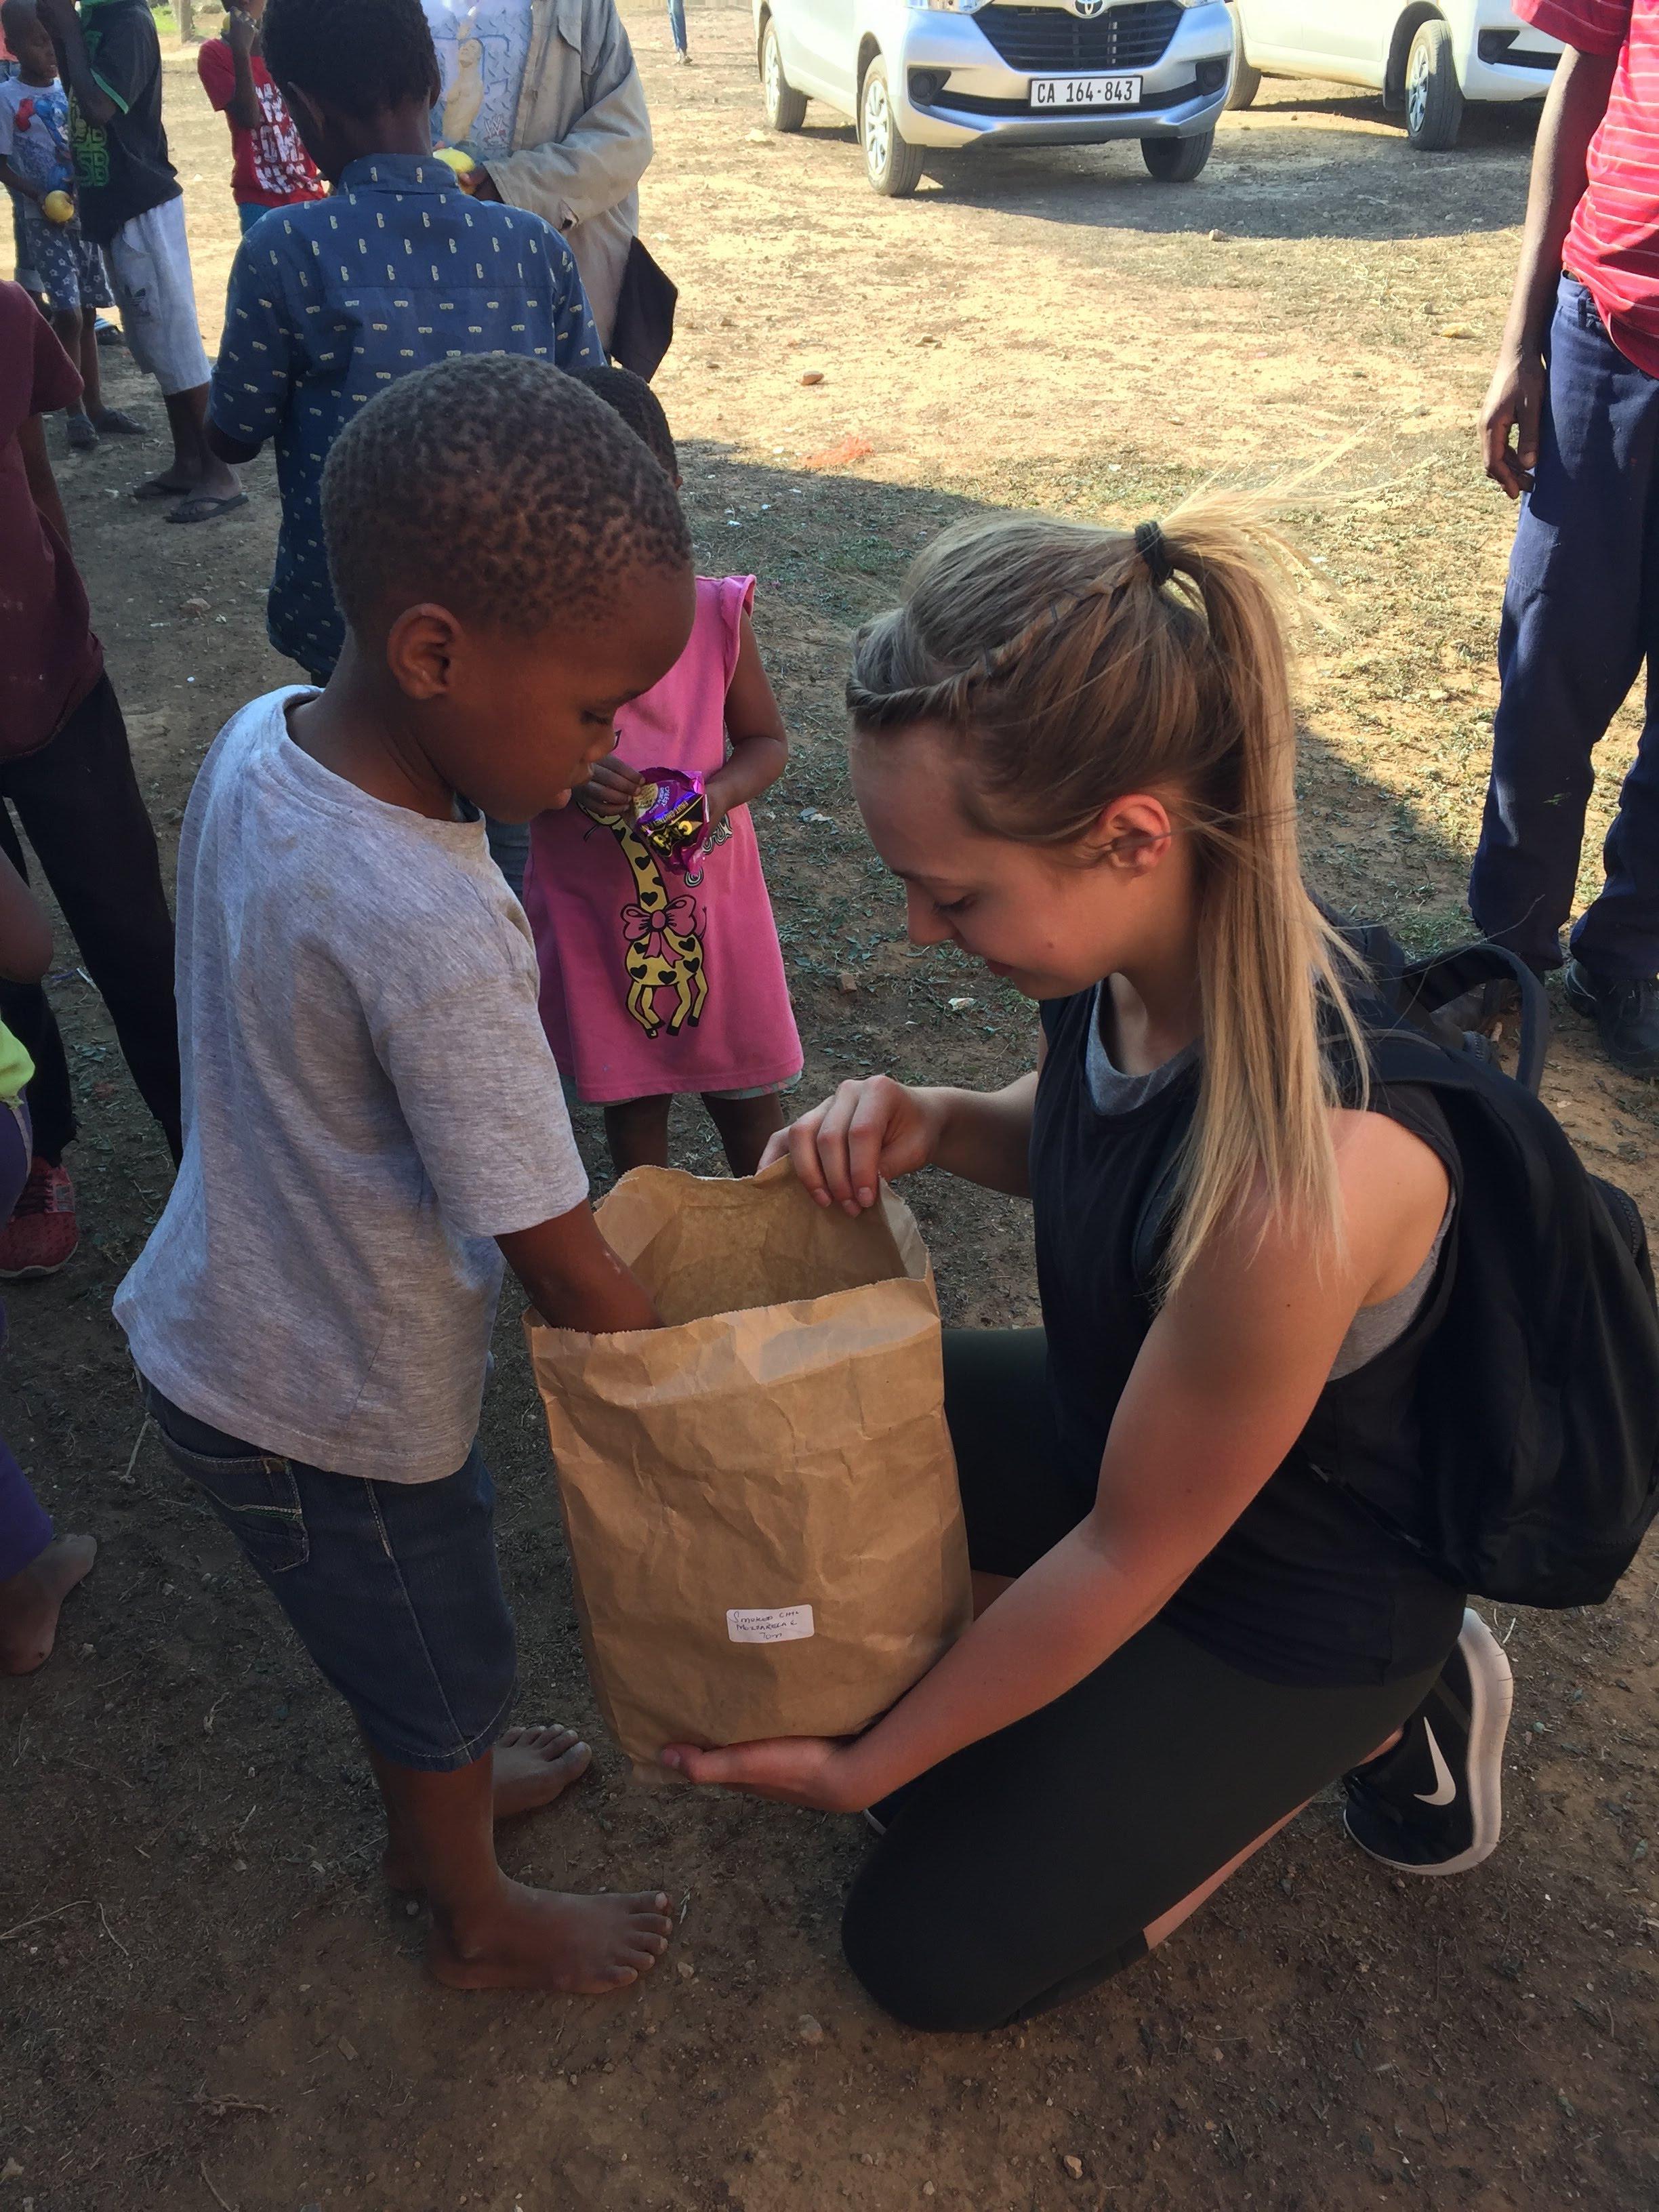 Alyssa distributing some snacks in Nomathamsanqa